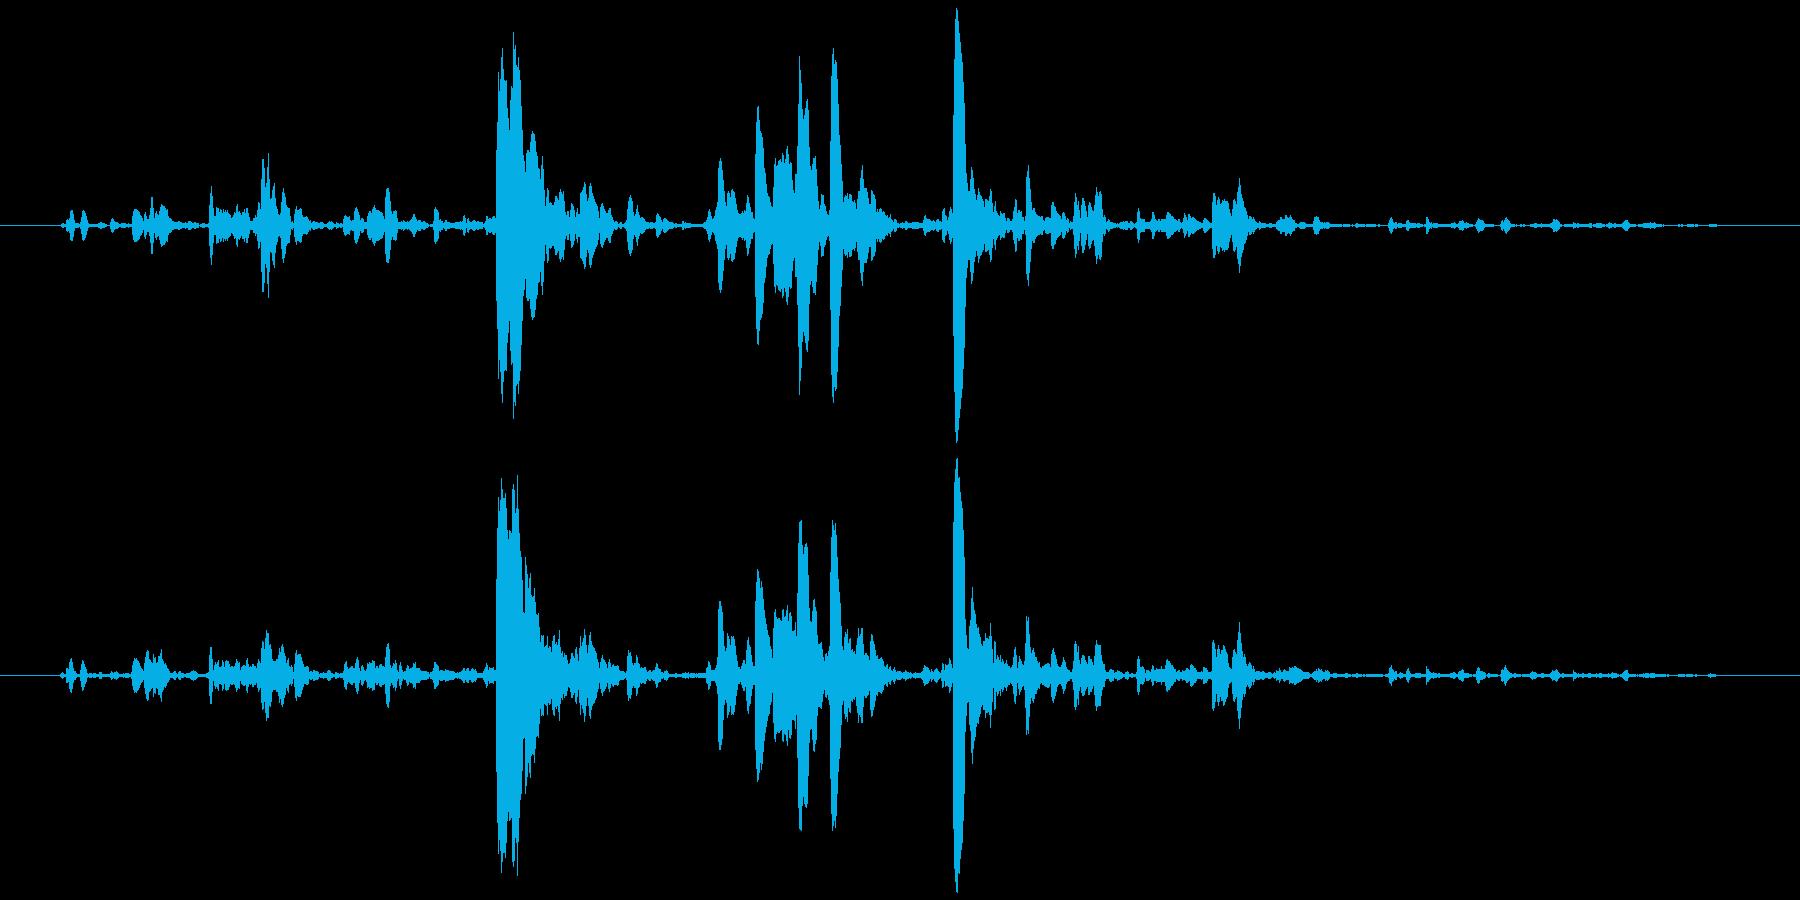 鈴の音 チリリリンの再生済みの波形